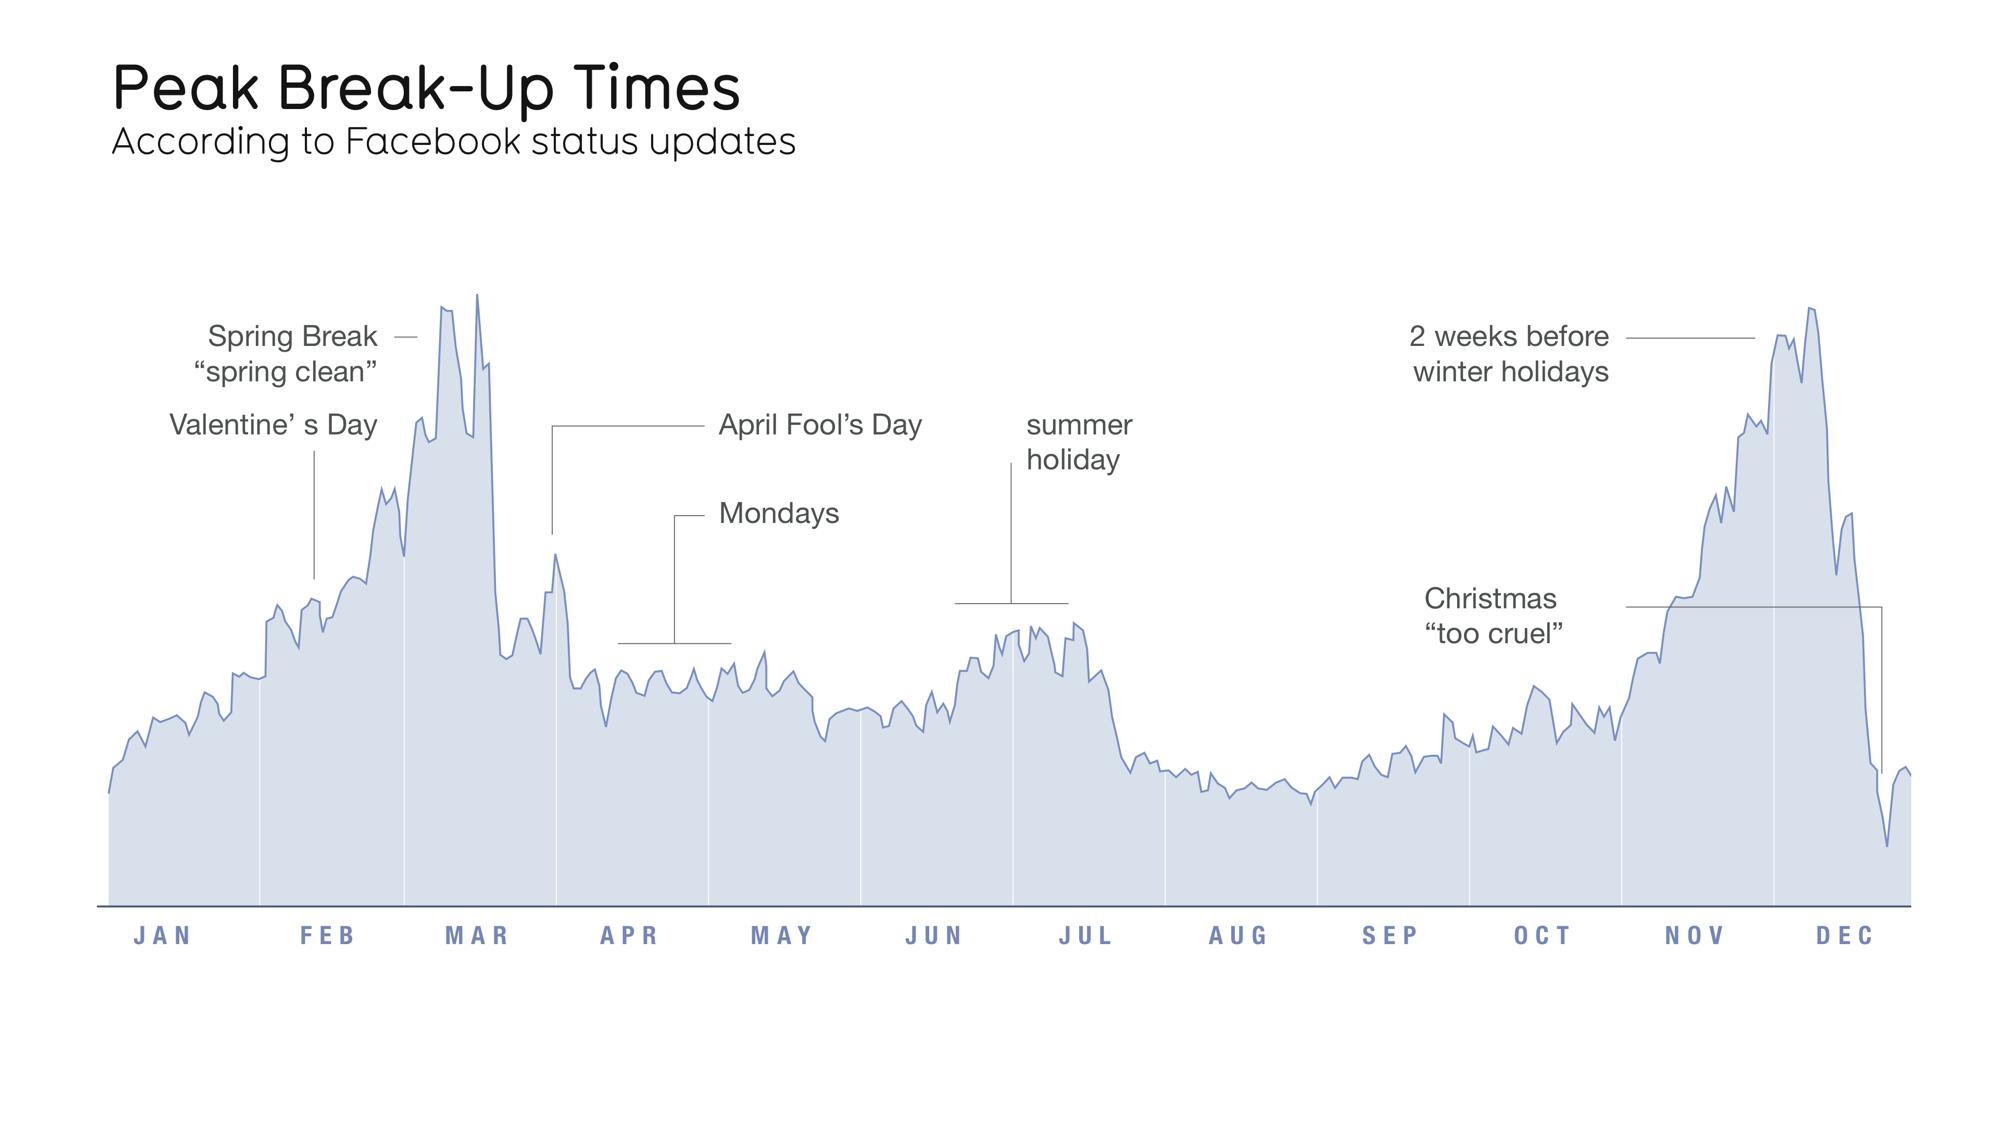 peak-break-up-times.jpg